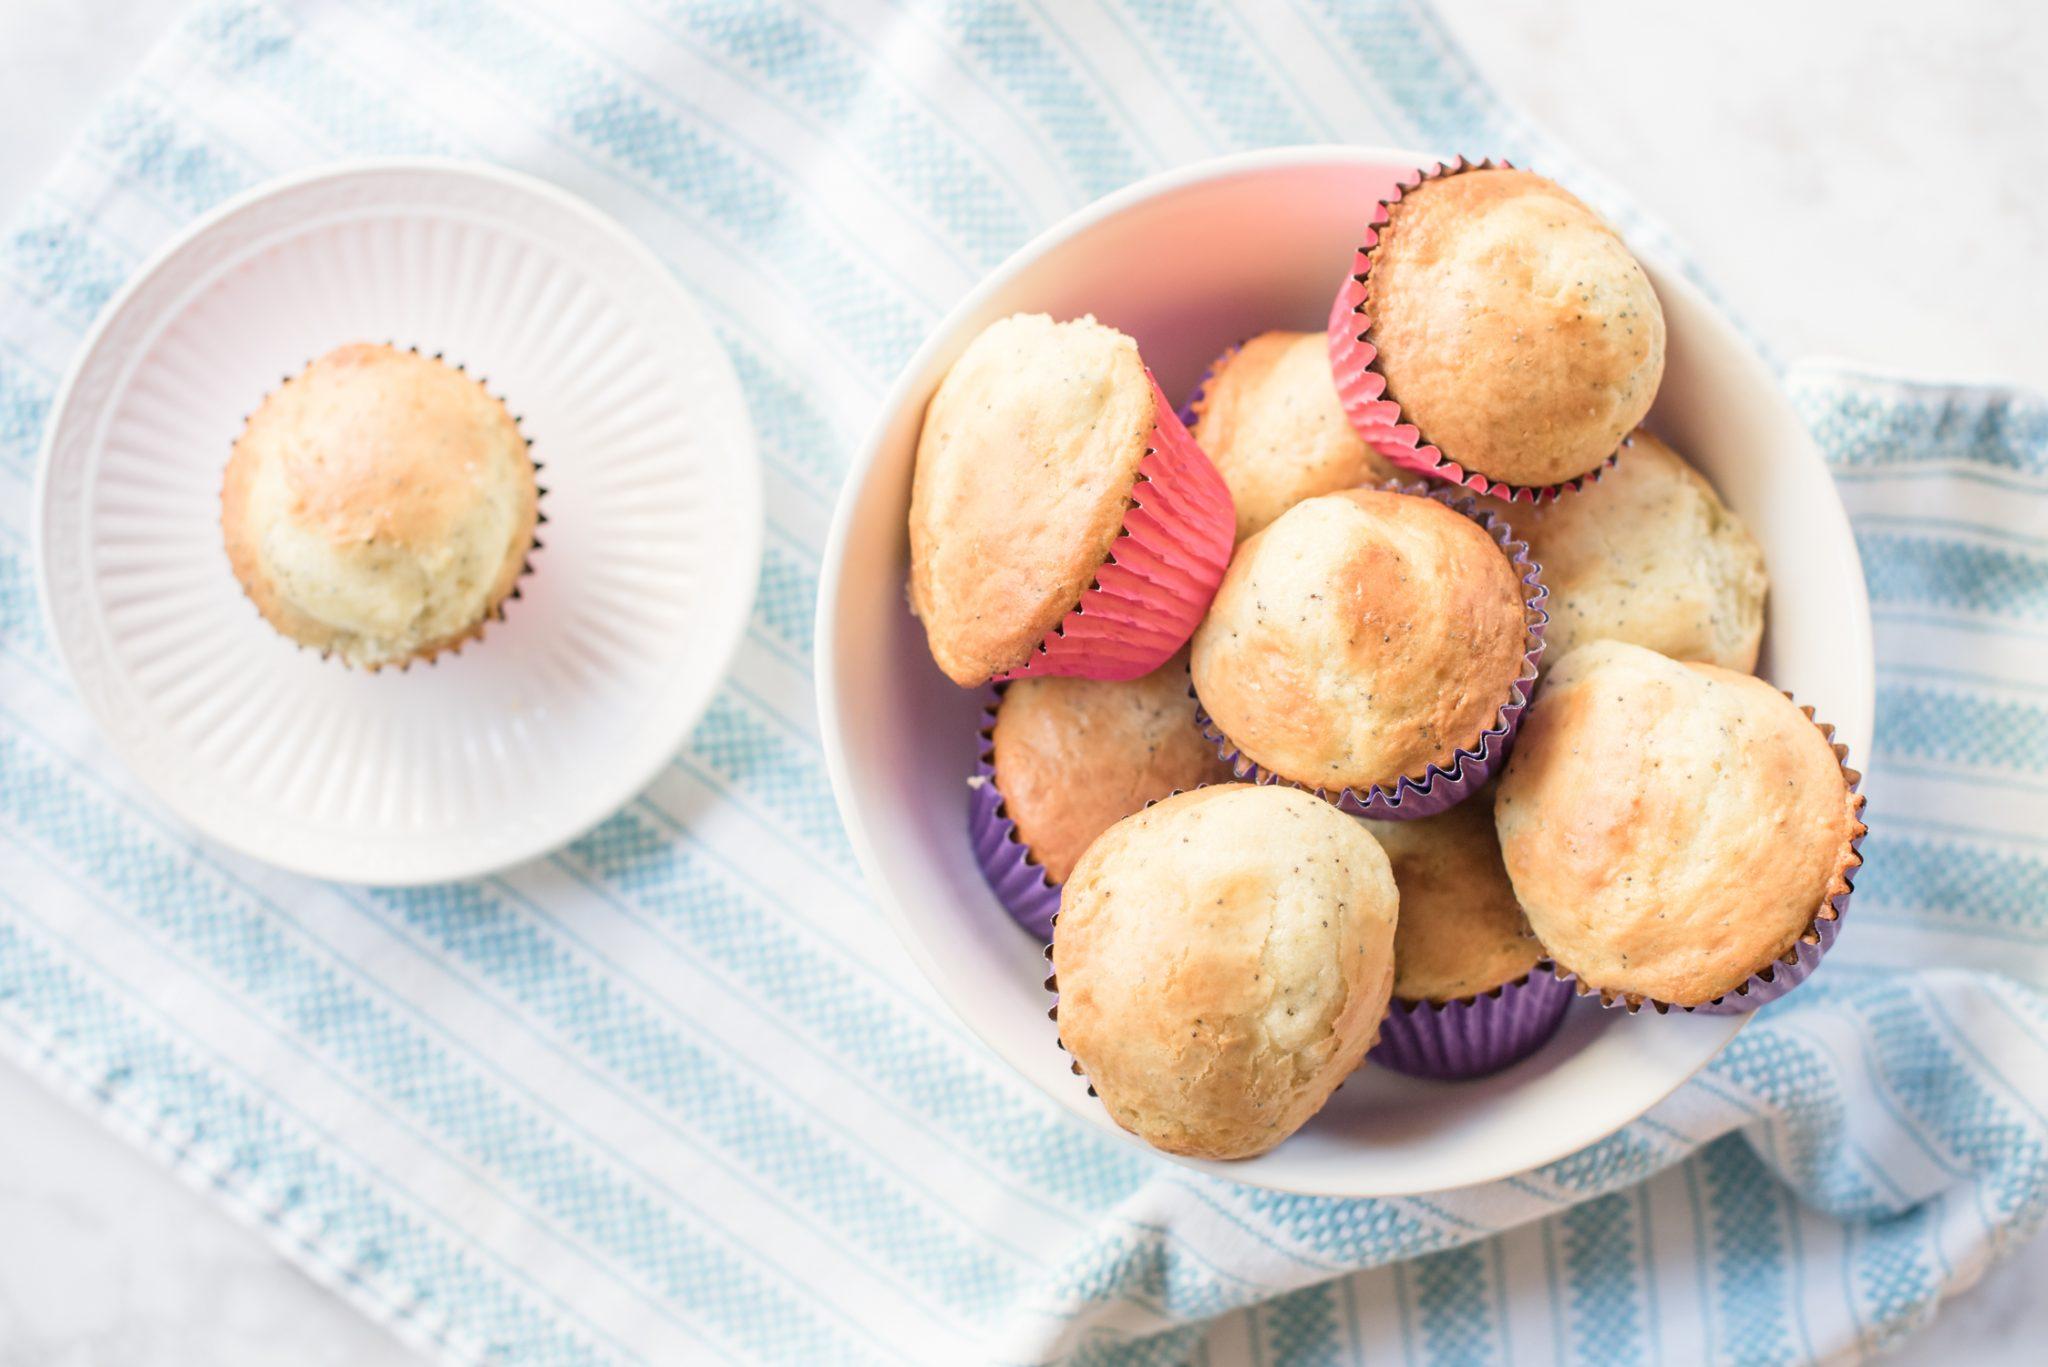 Almond Poppyseed Muffins via @missmollymoon